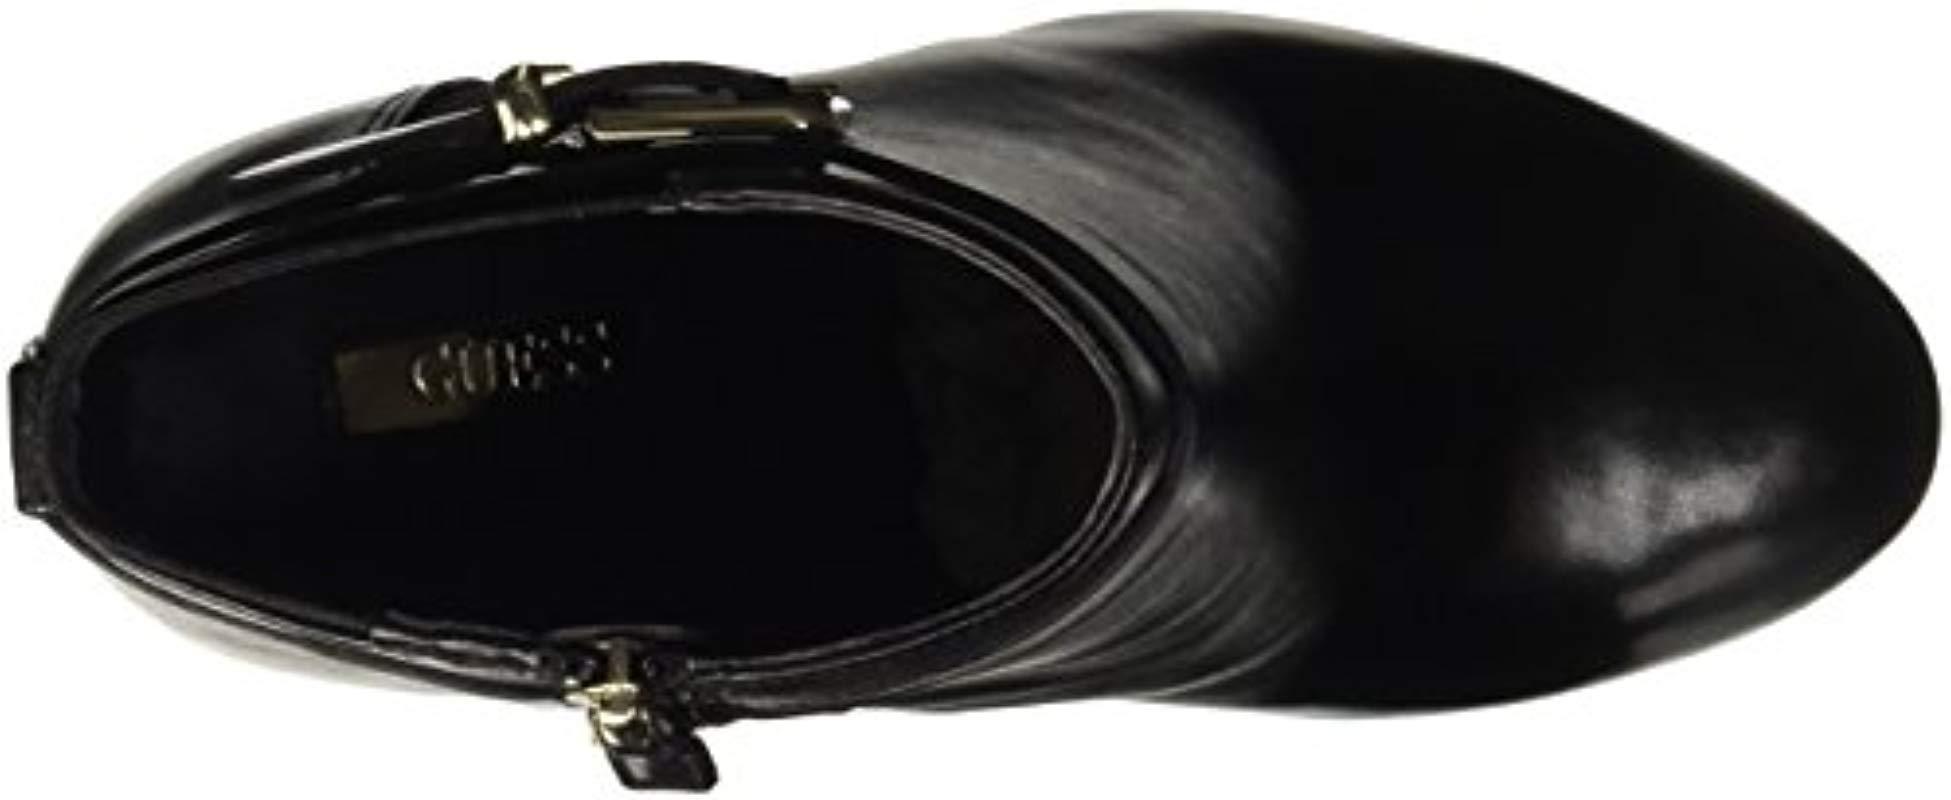 FLDEN4LEA10, Botas Cortas de Tacón Mujer Guess de color Negro